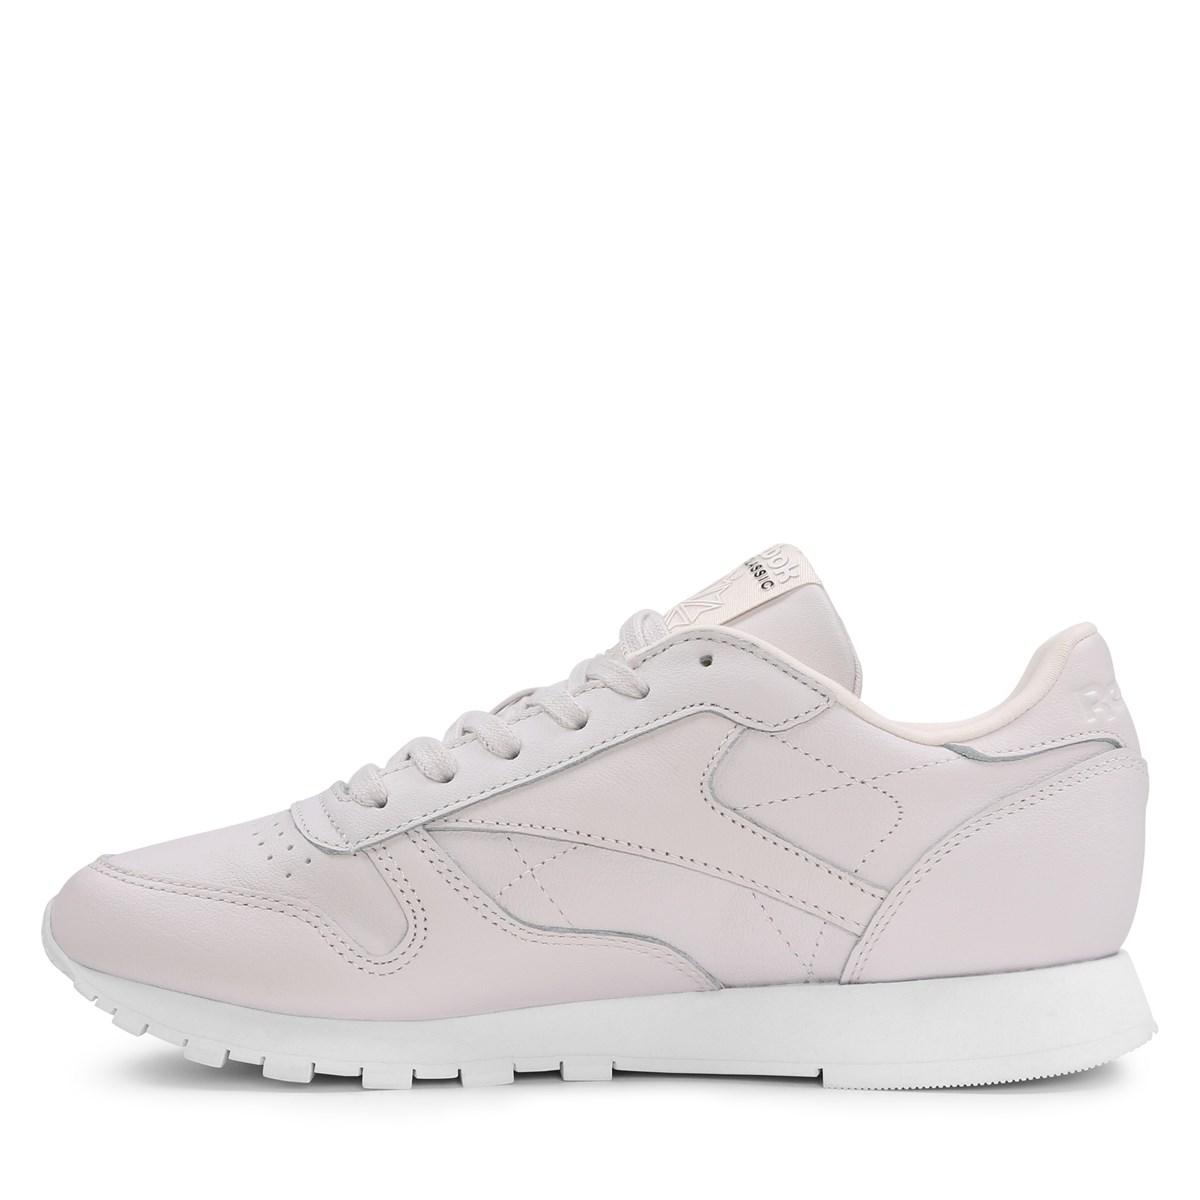 6eee2c7cb93cfb Women s Reebok X FACE Stockholm Classic leather Sneaker. Previous. default  view · ALT1 · ALT2 · ALT3